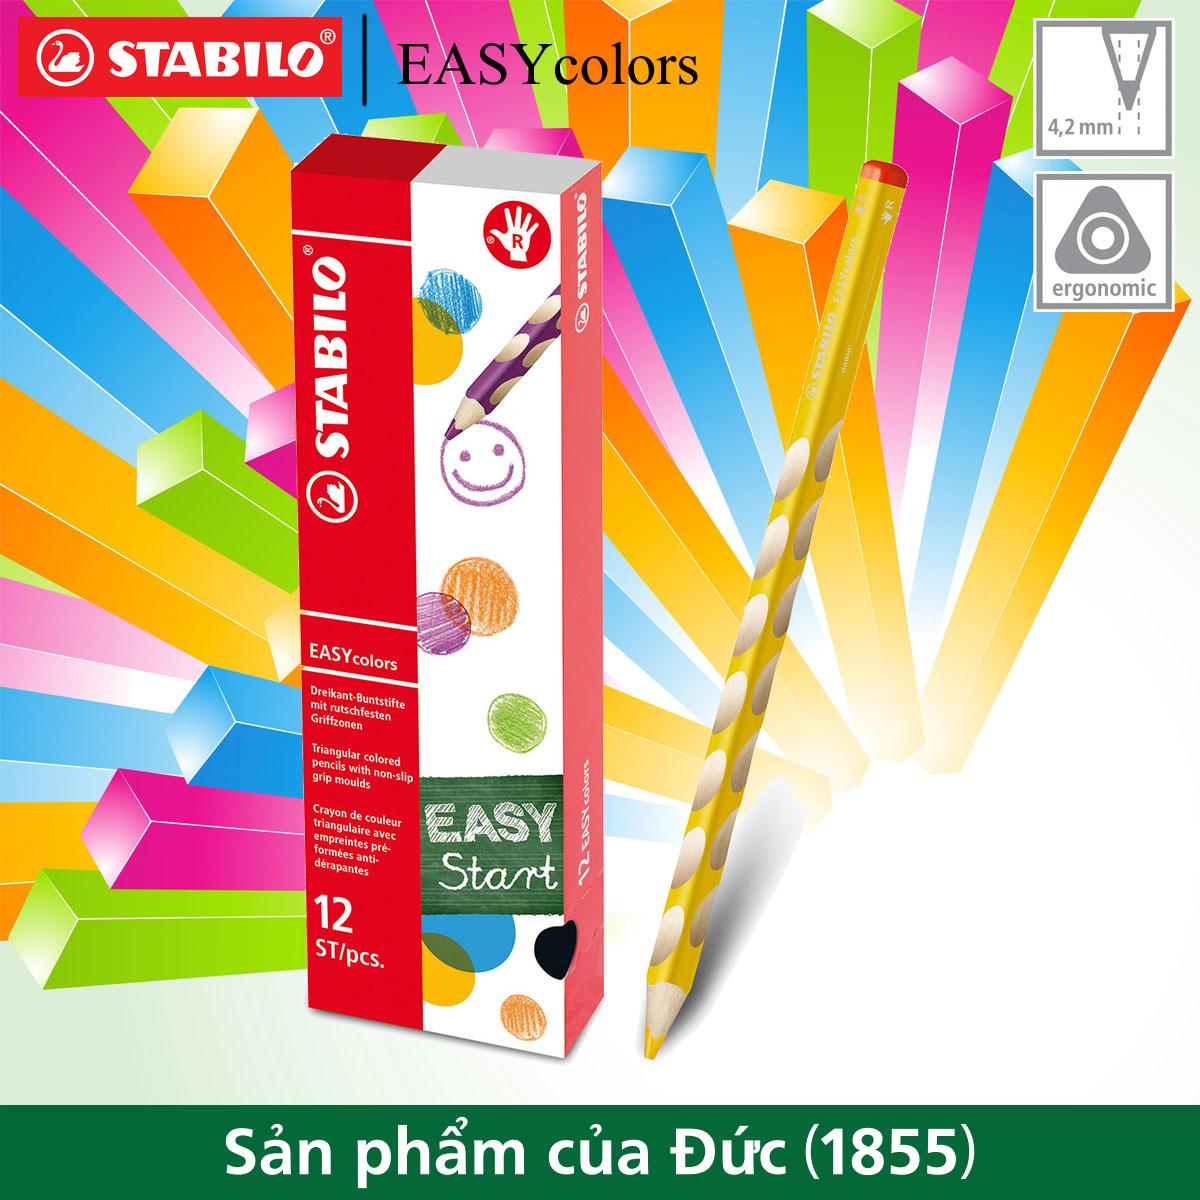 Bộ 12 cây bút chì màu STABILO EASYcolors, tay phải (CLE33R/12)